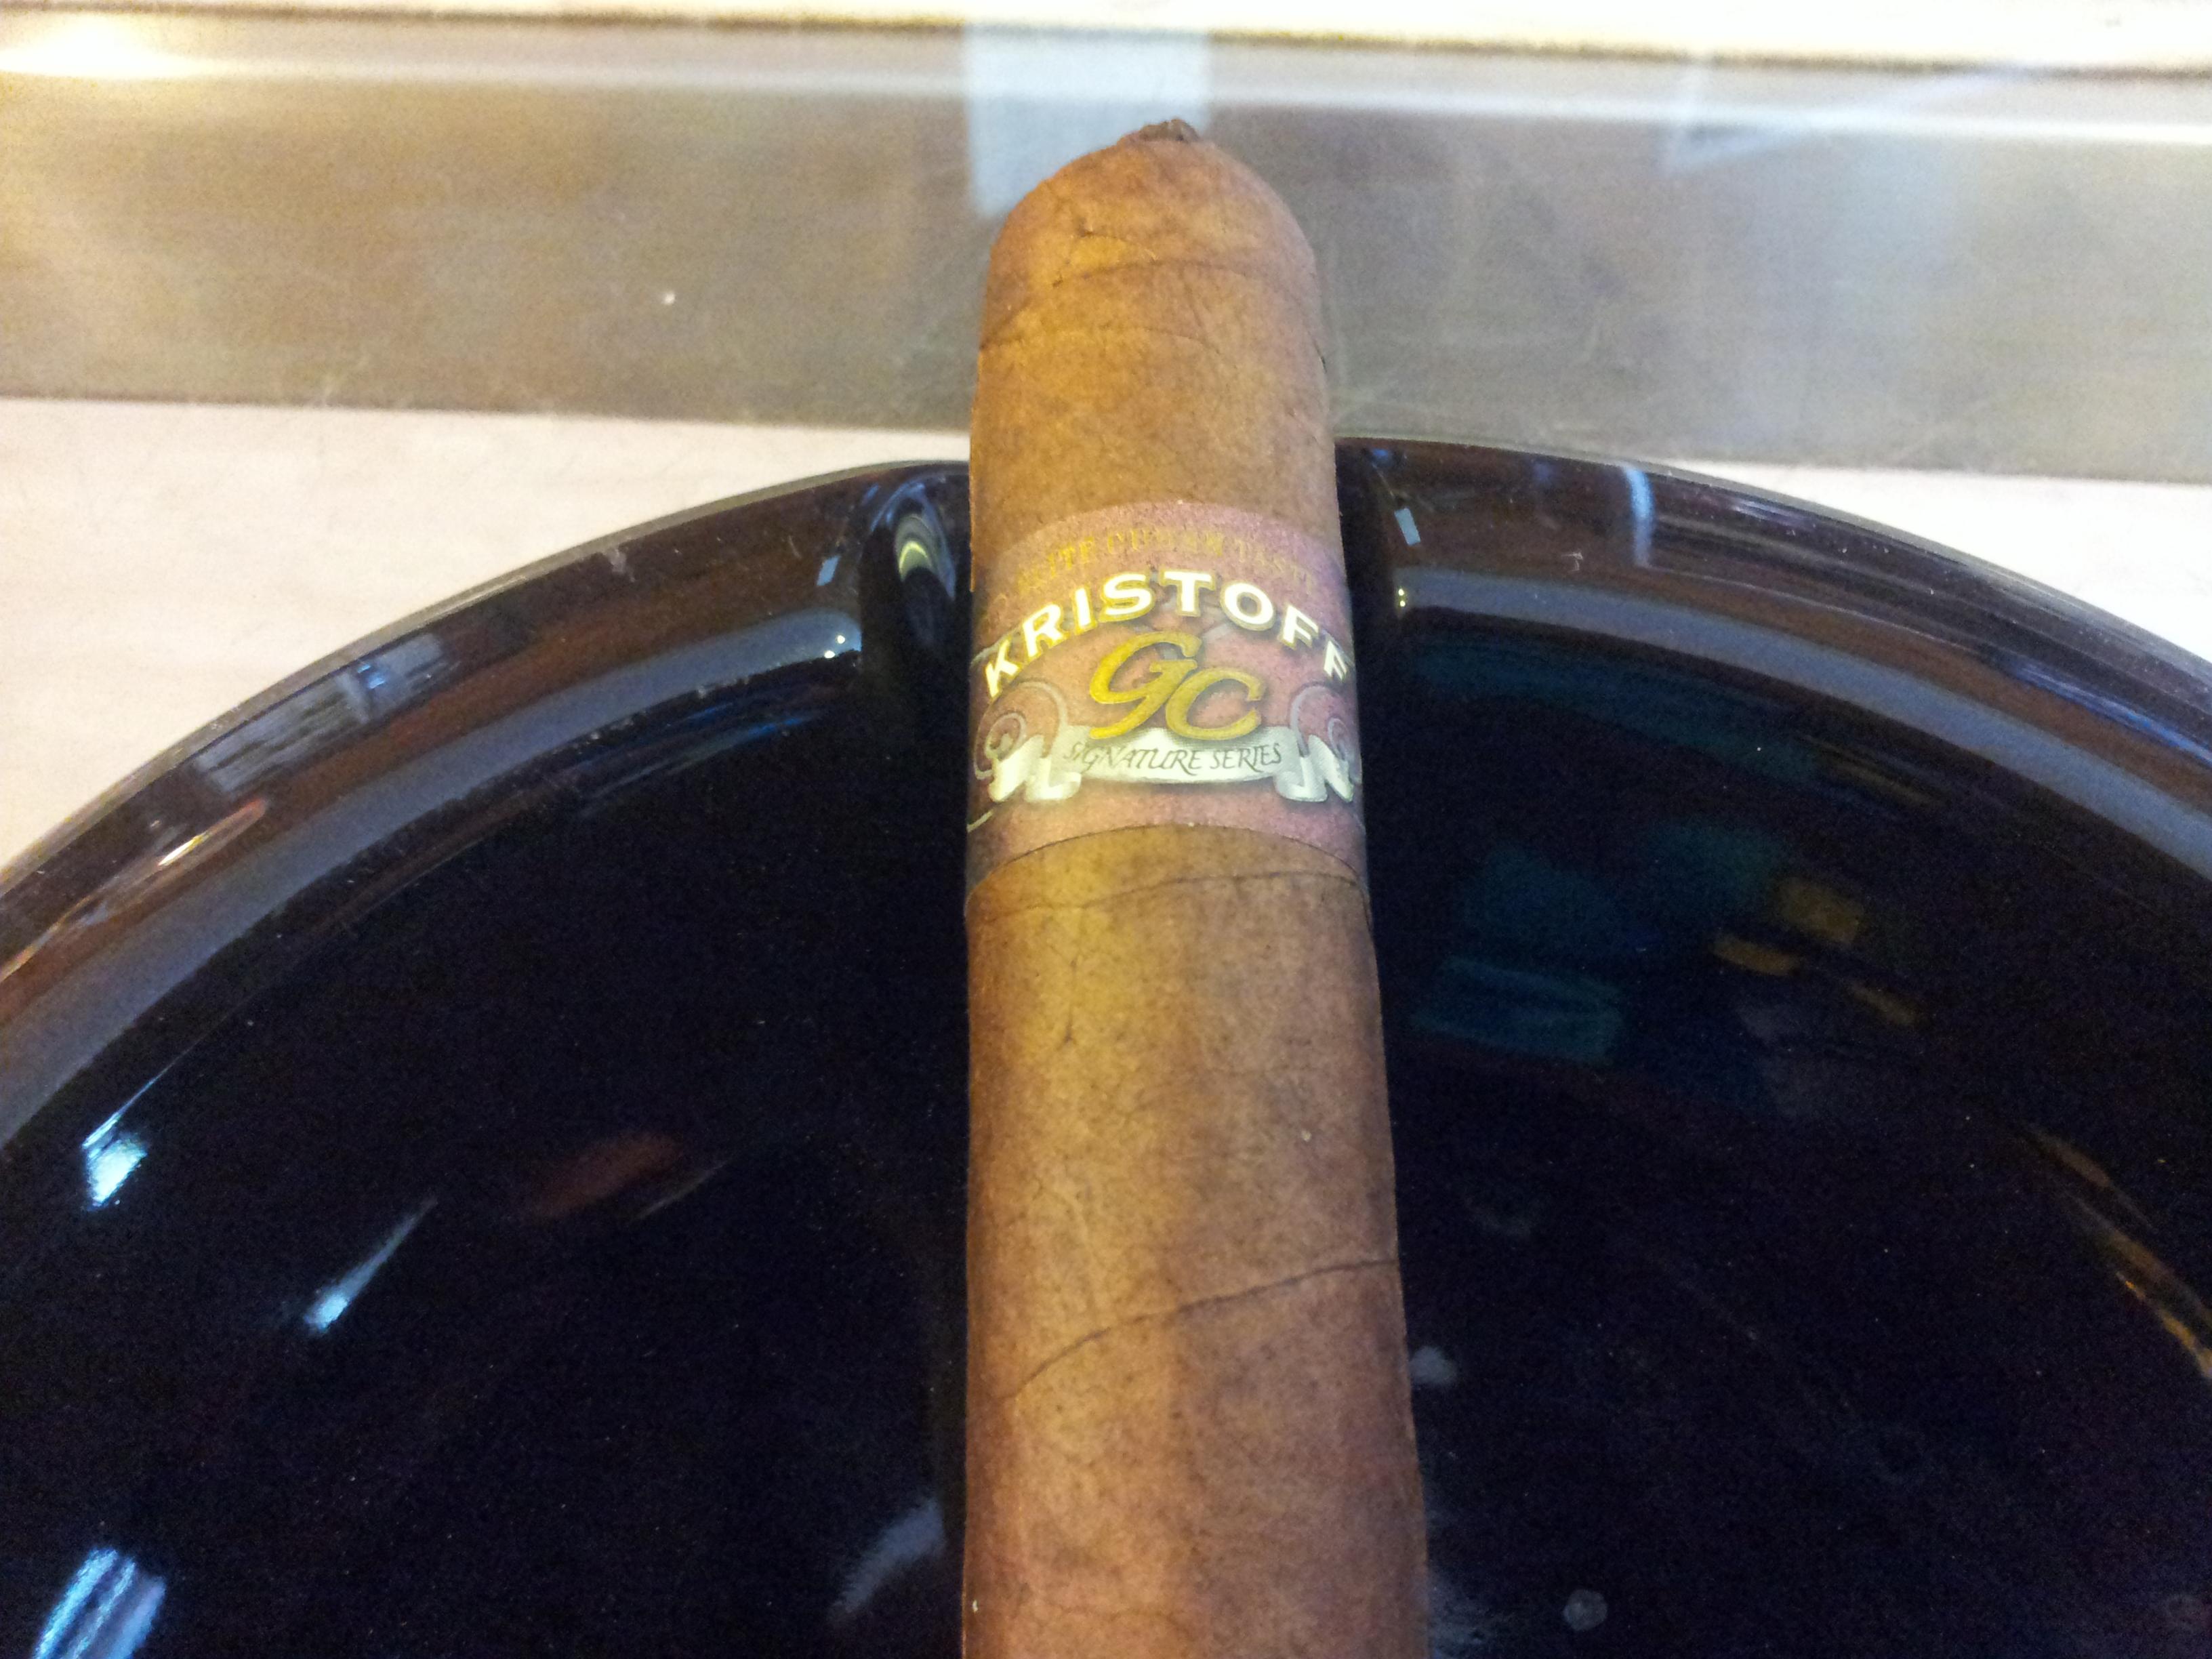 Kristoff GC Signature – Cigar Review